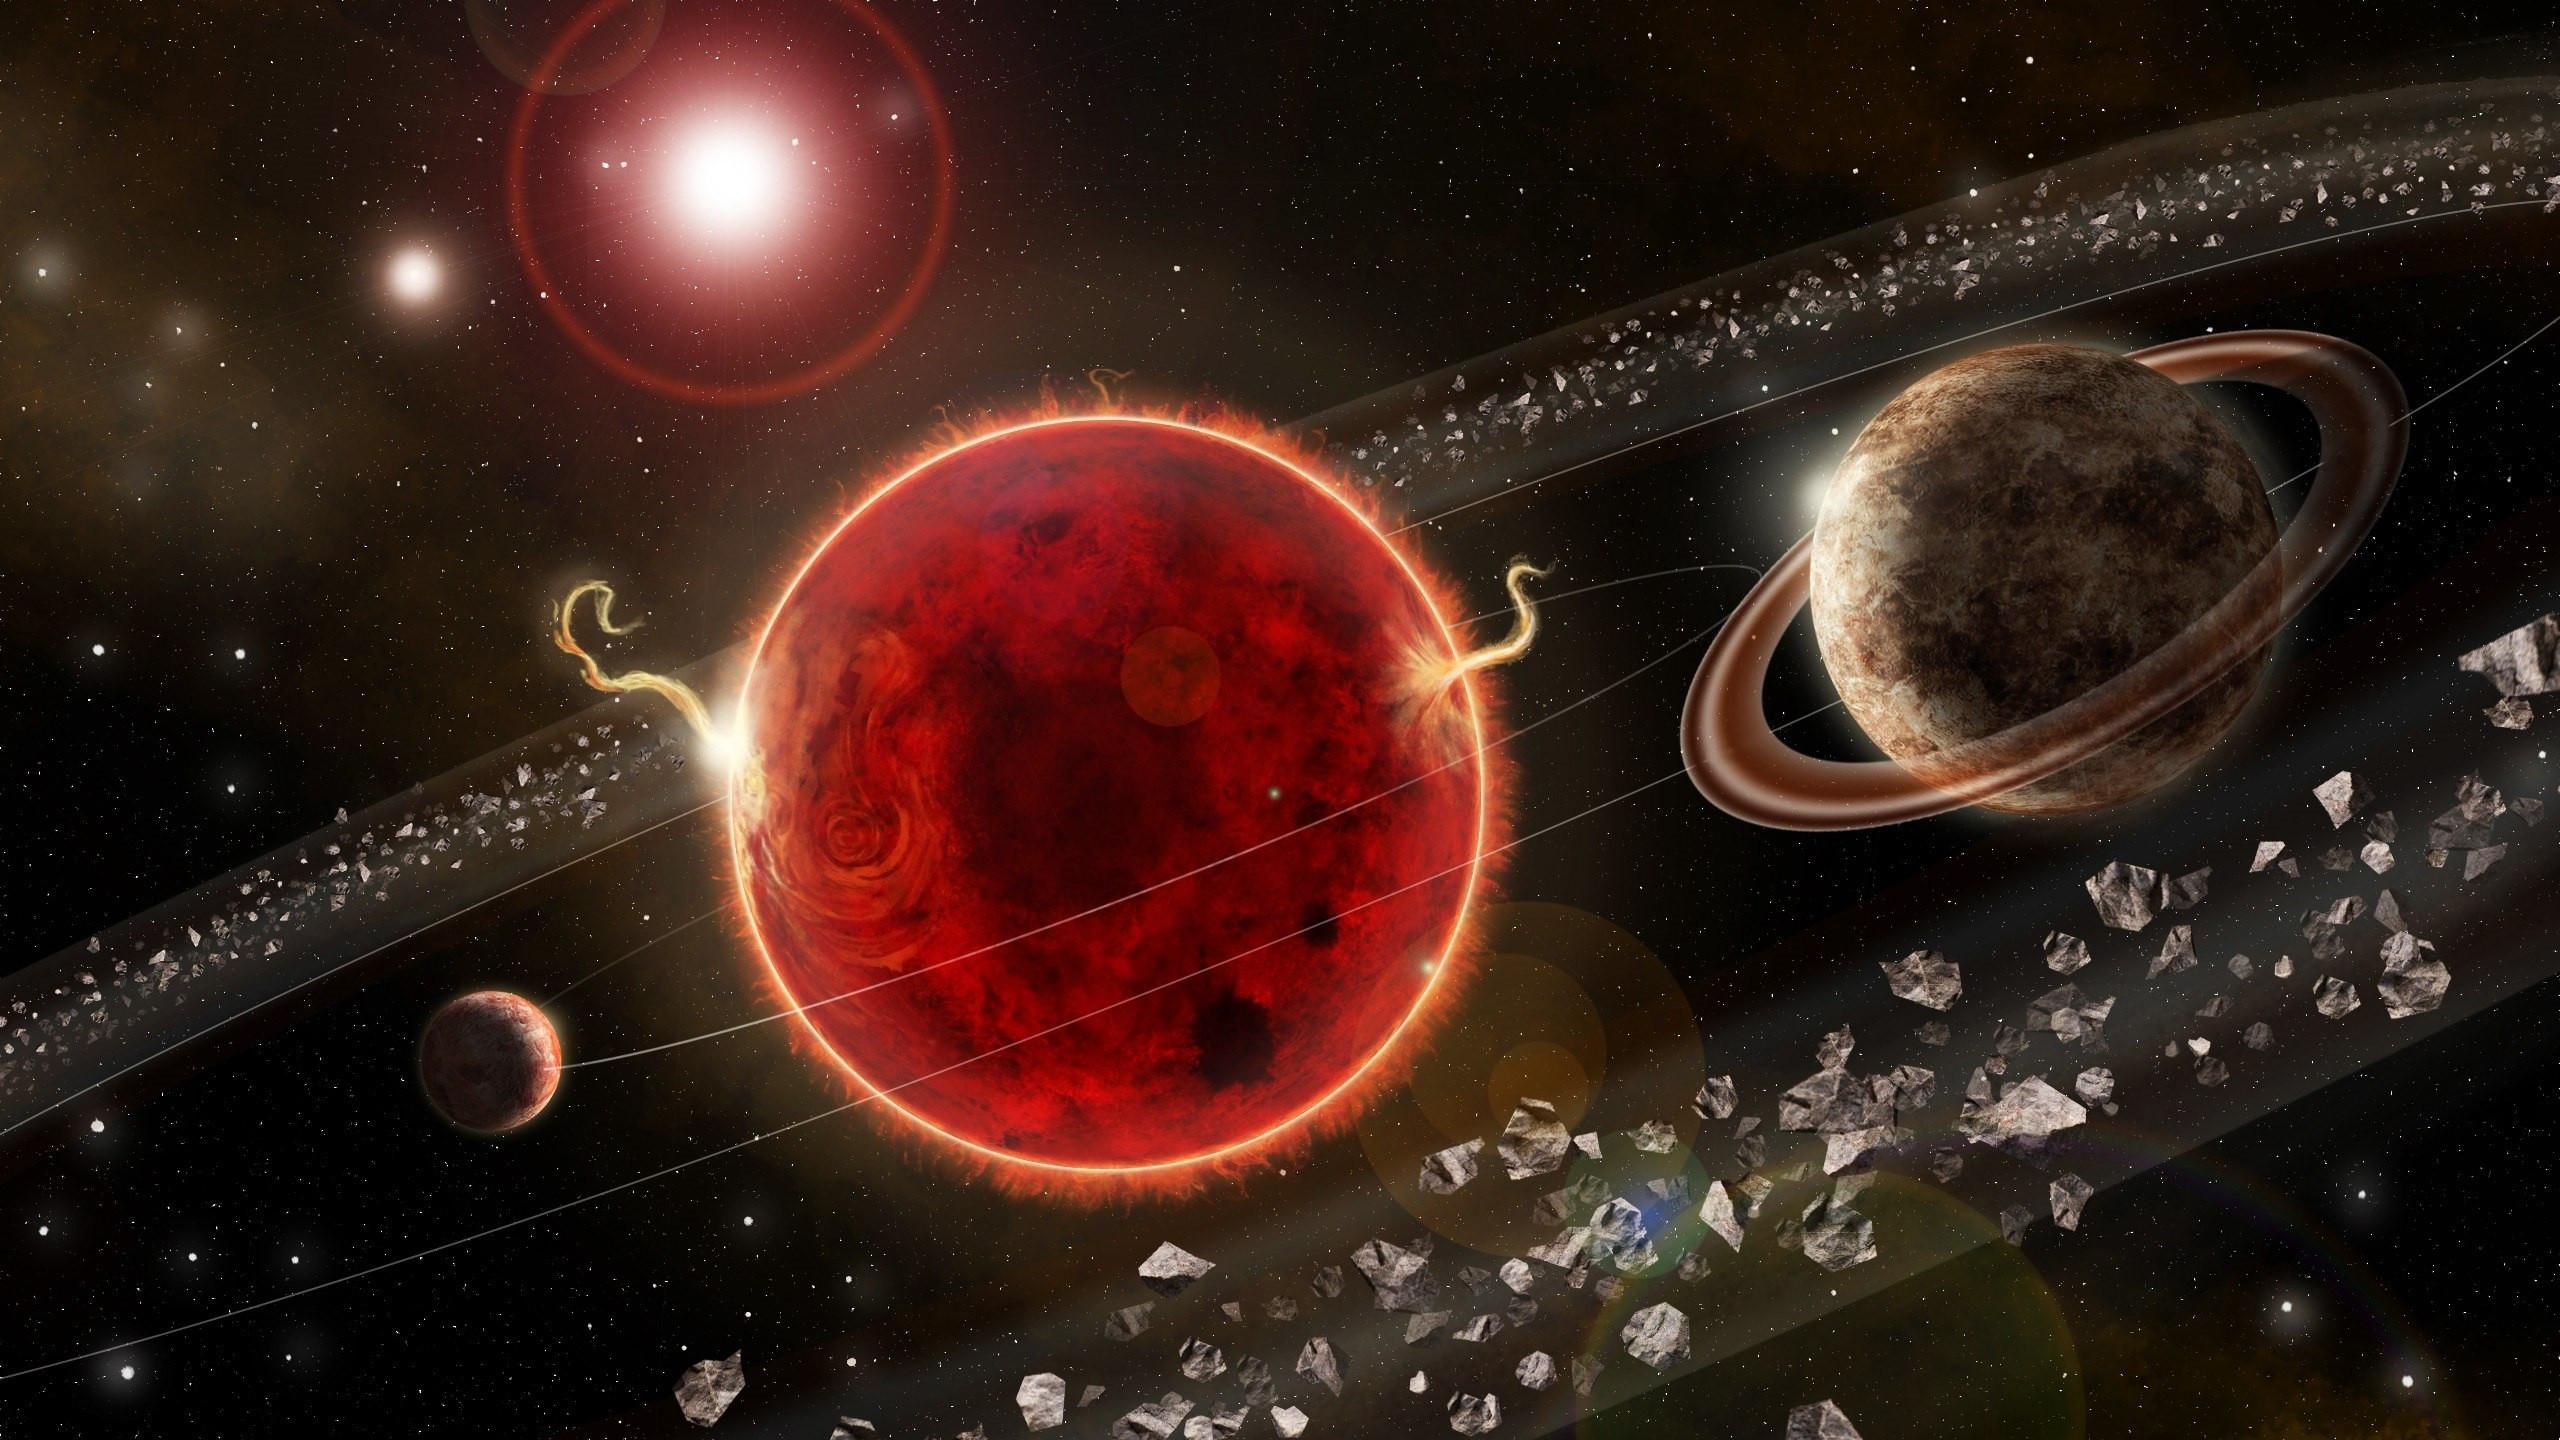 Descubren la existencia de un segundo planeta en la estrella más cercana al  Sol, Próxima Centauri - RTVE.es